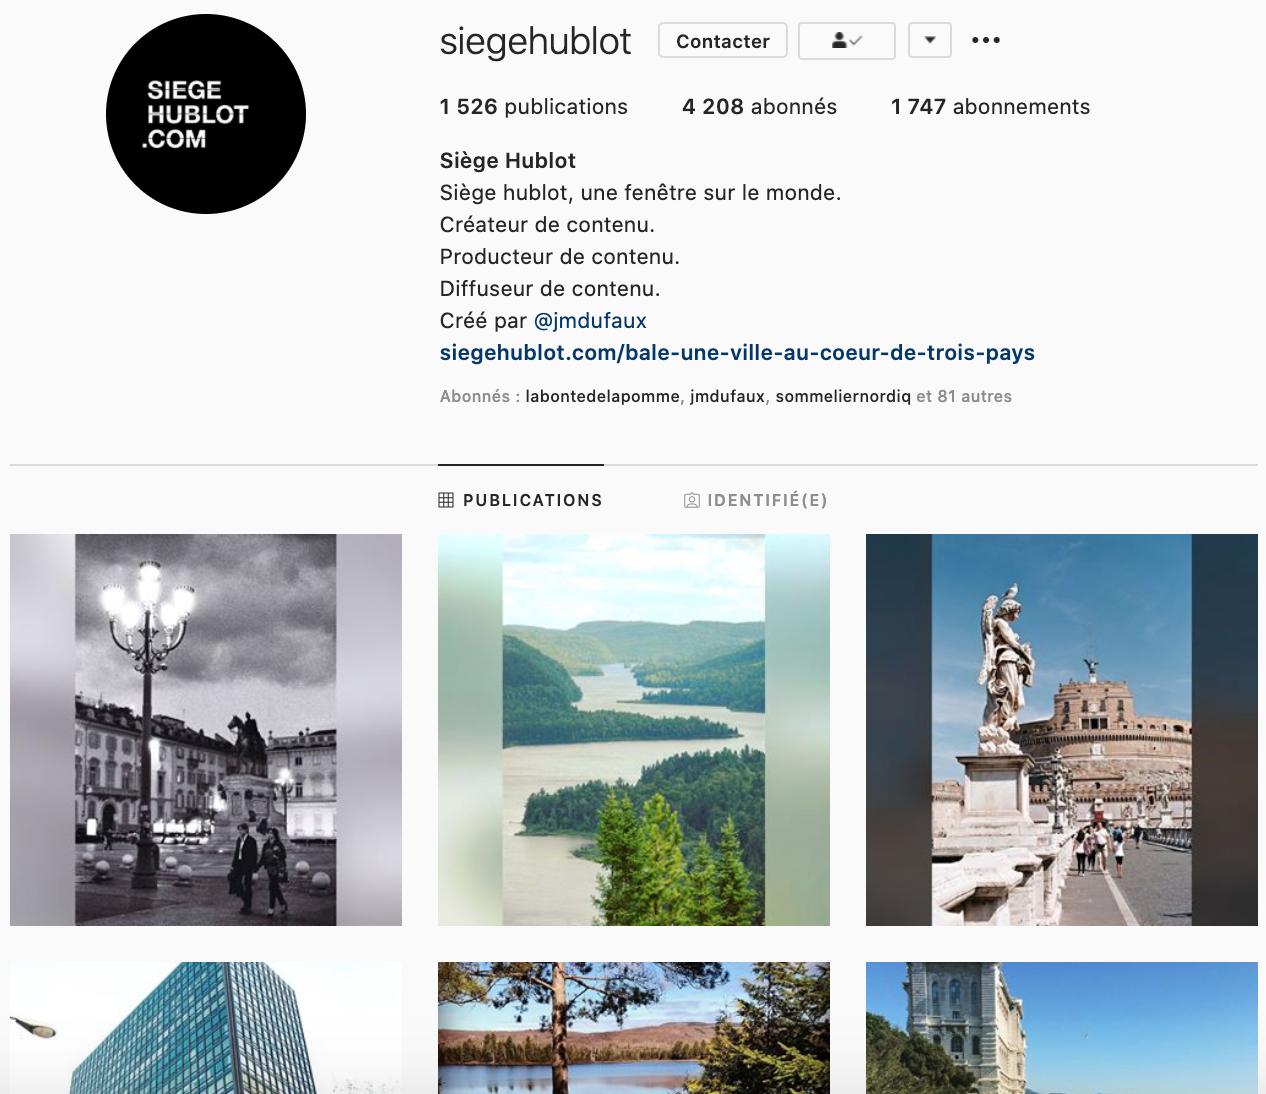 Siège hublot à suivre sur Instagram